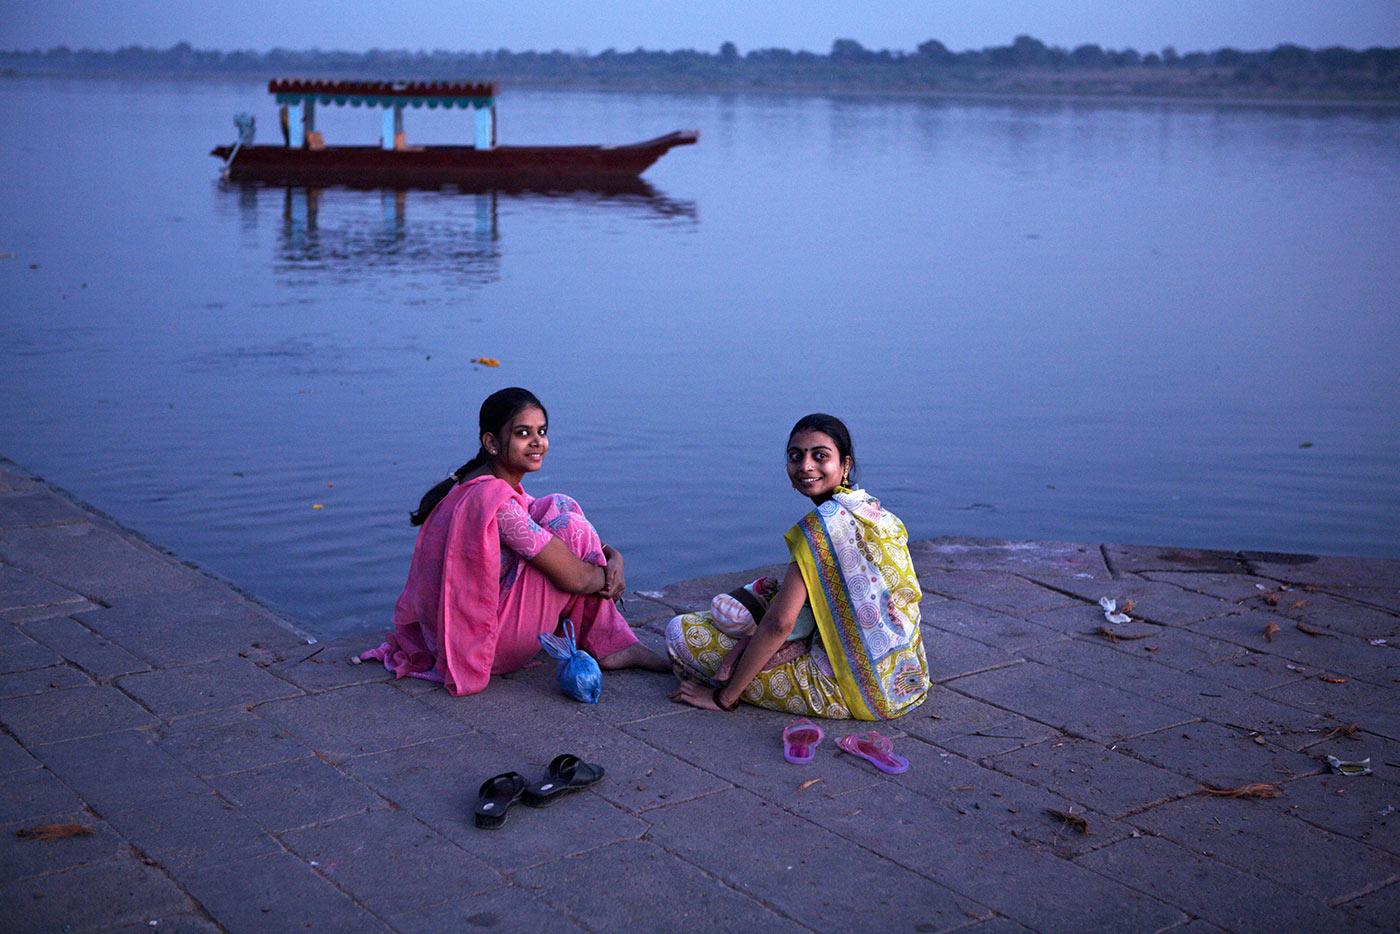 Street Photography in India: Un Paese Attraverso i Suoi Sguardi